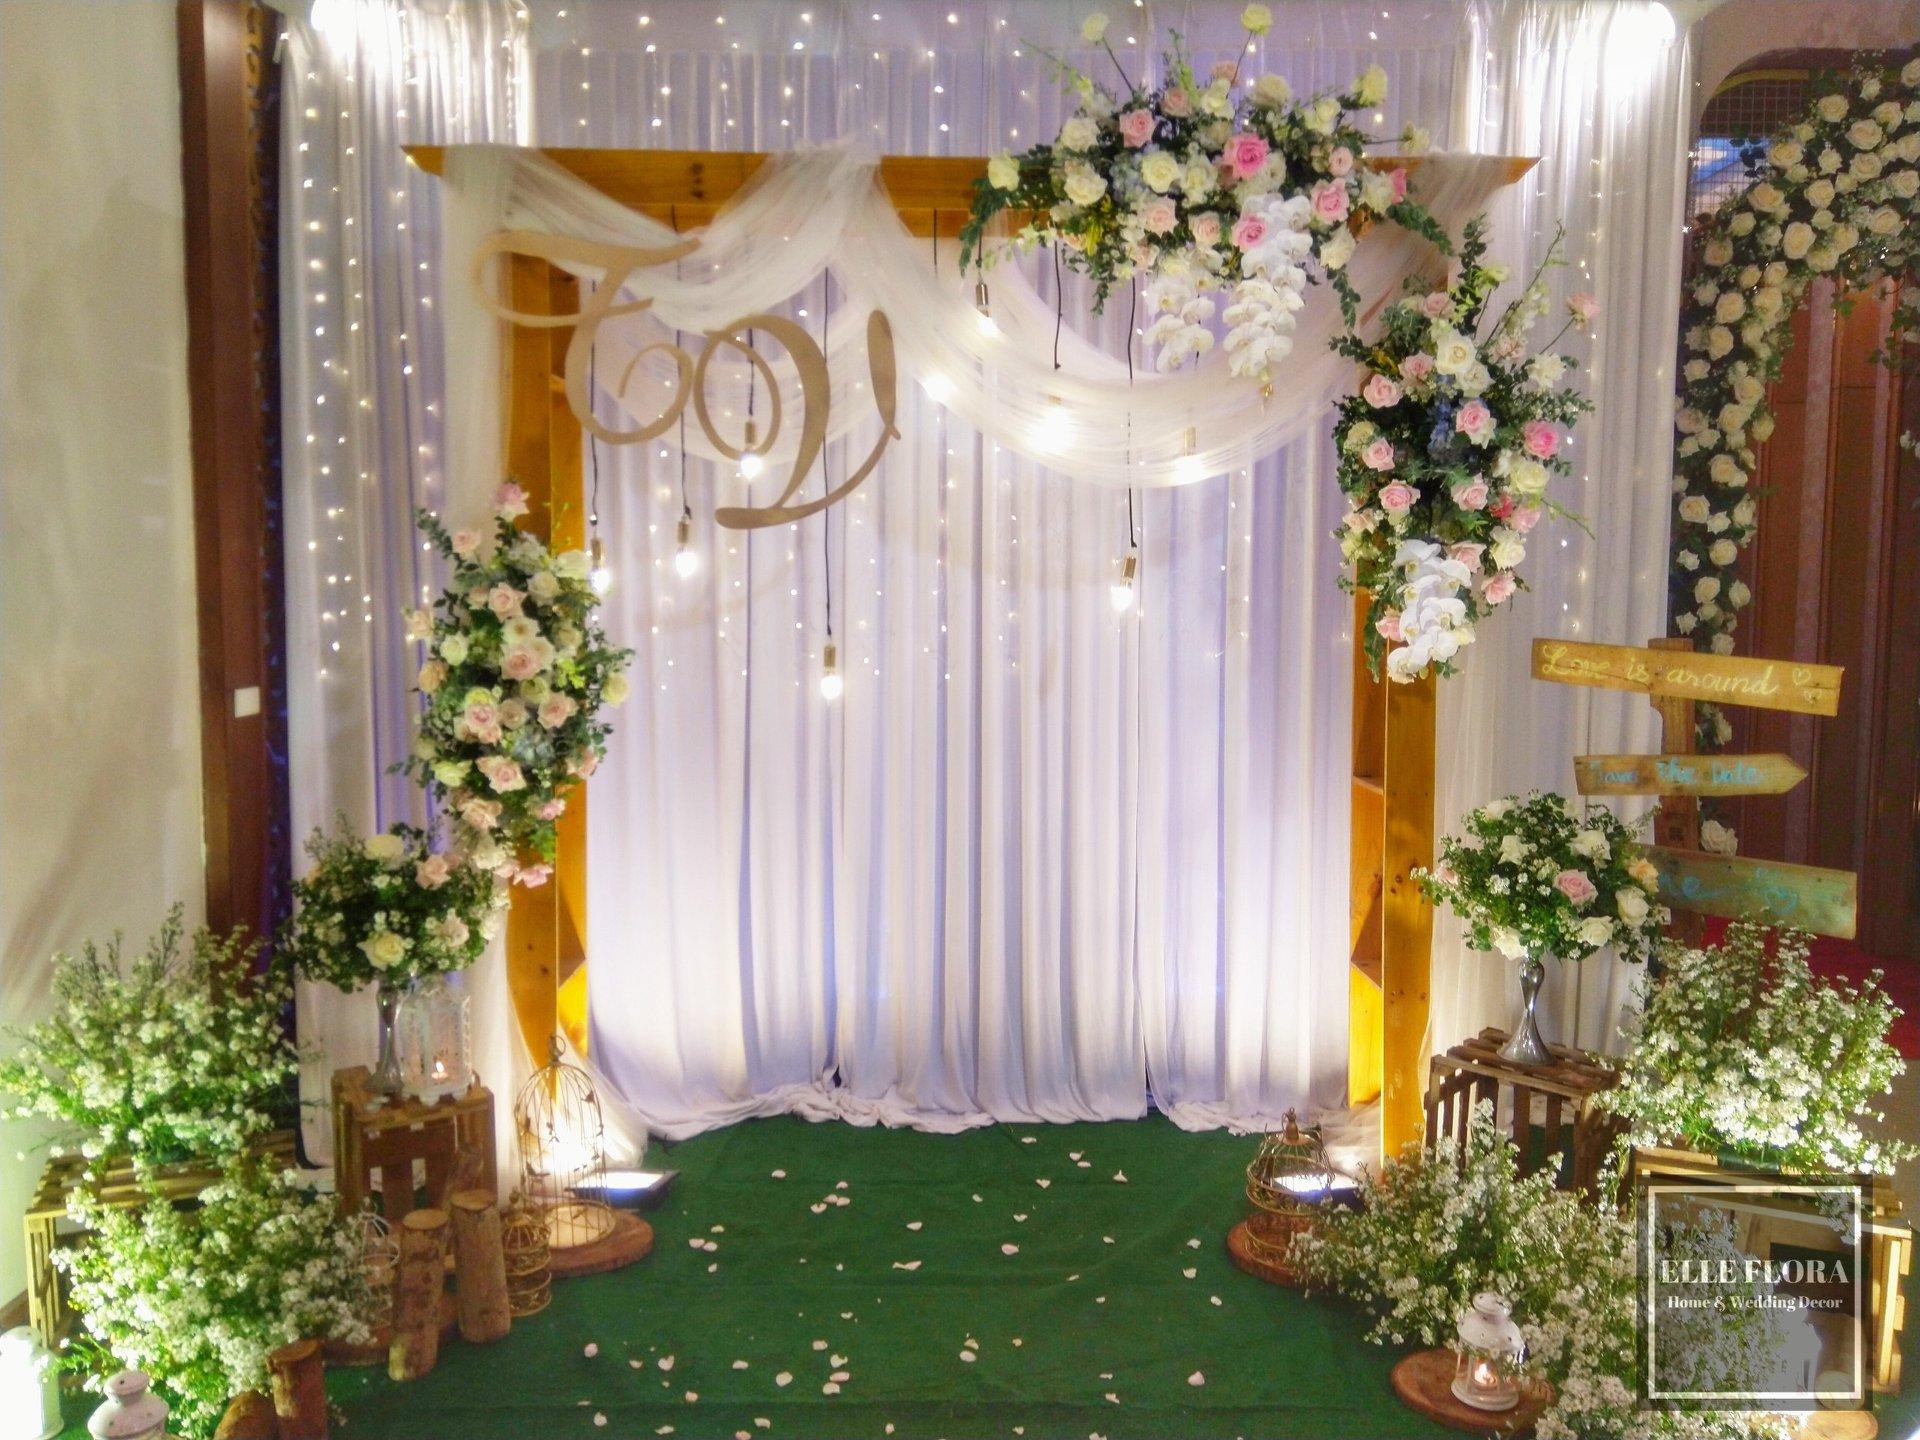 ELLE FLORA Marry